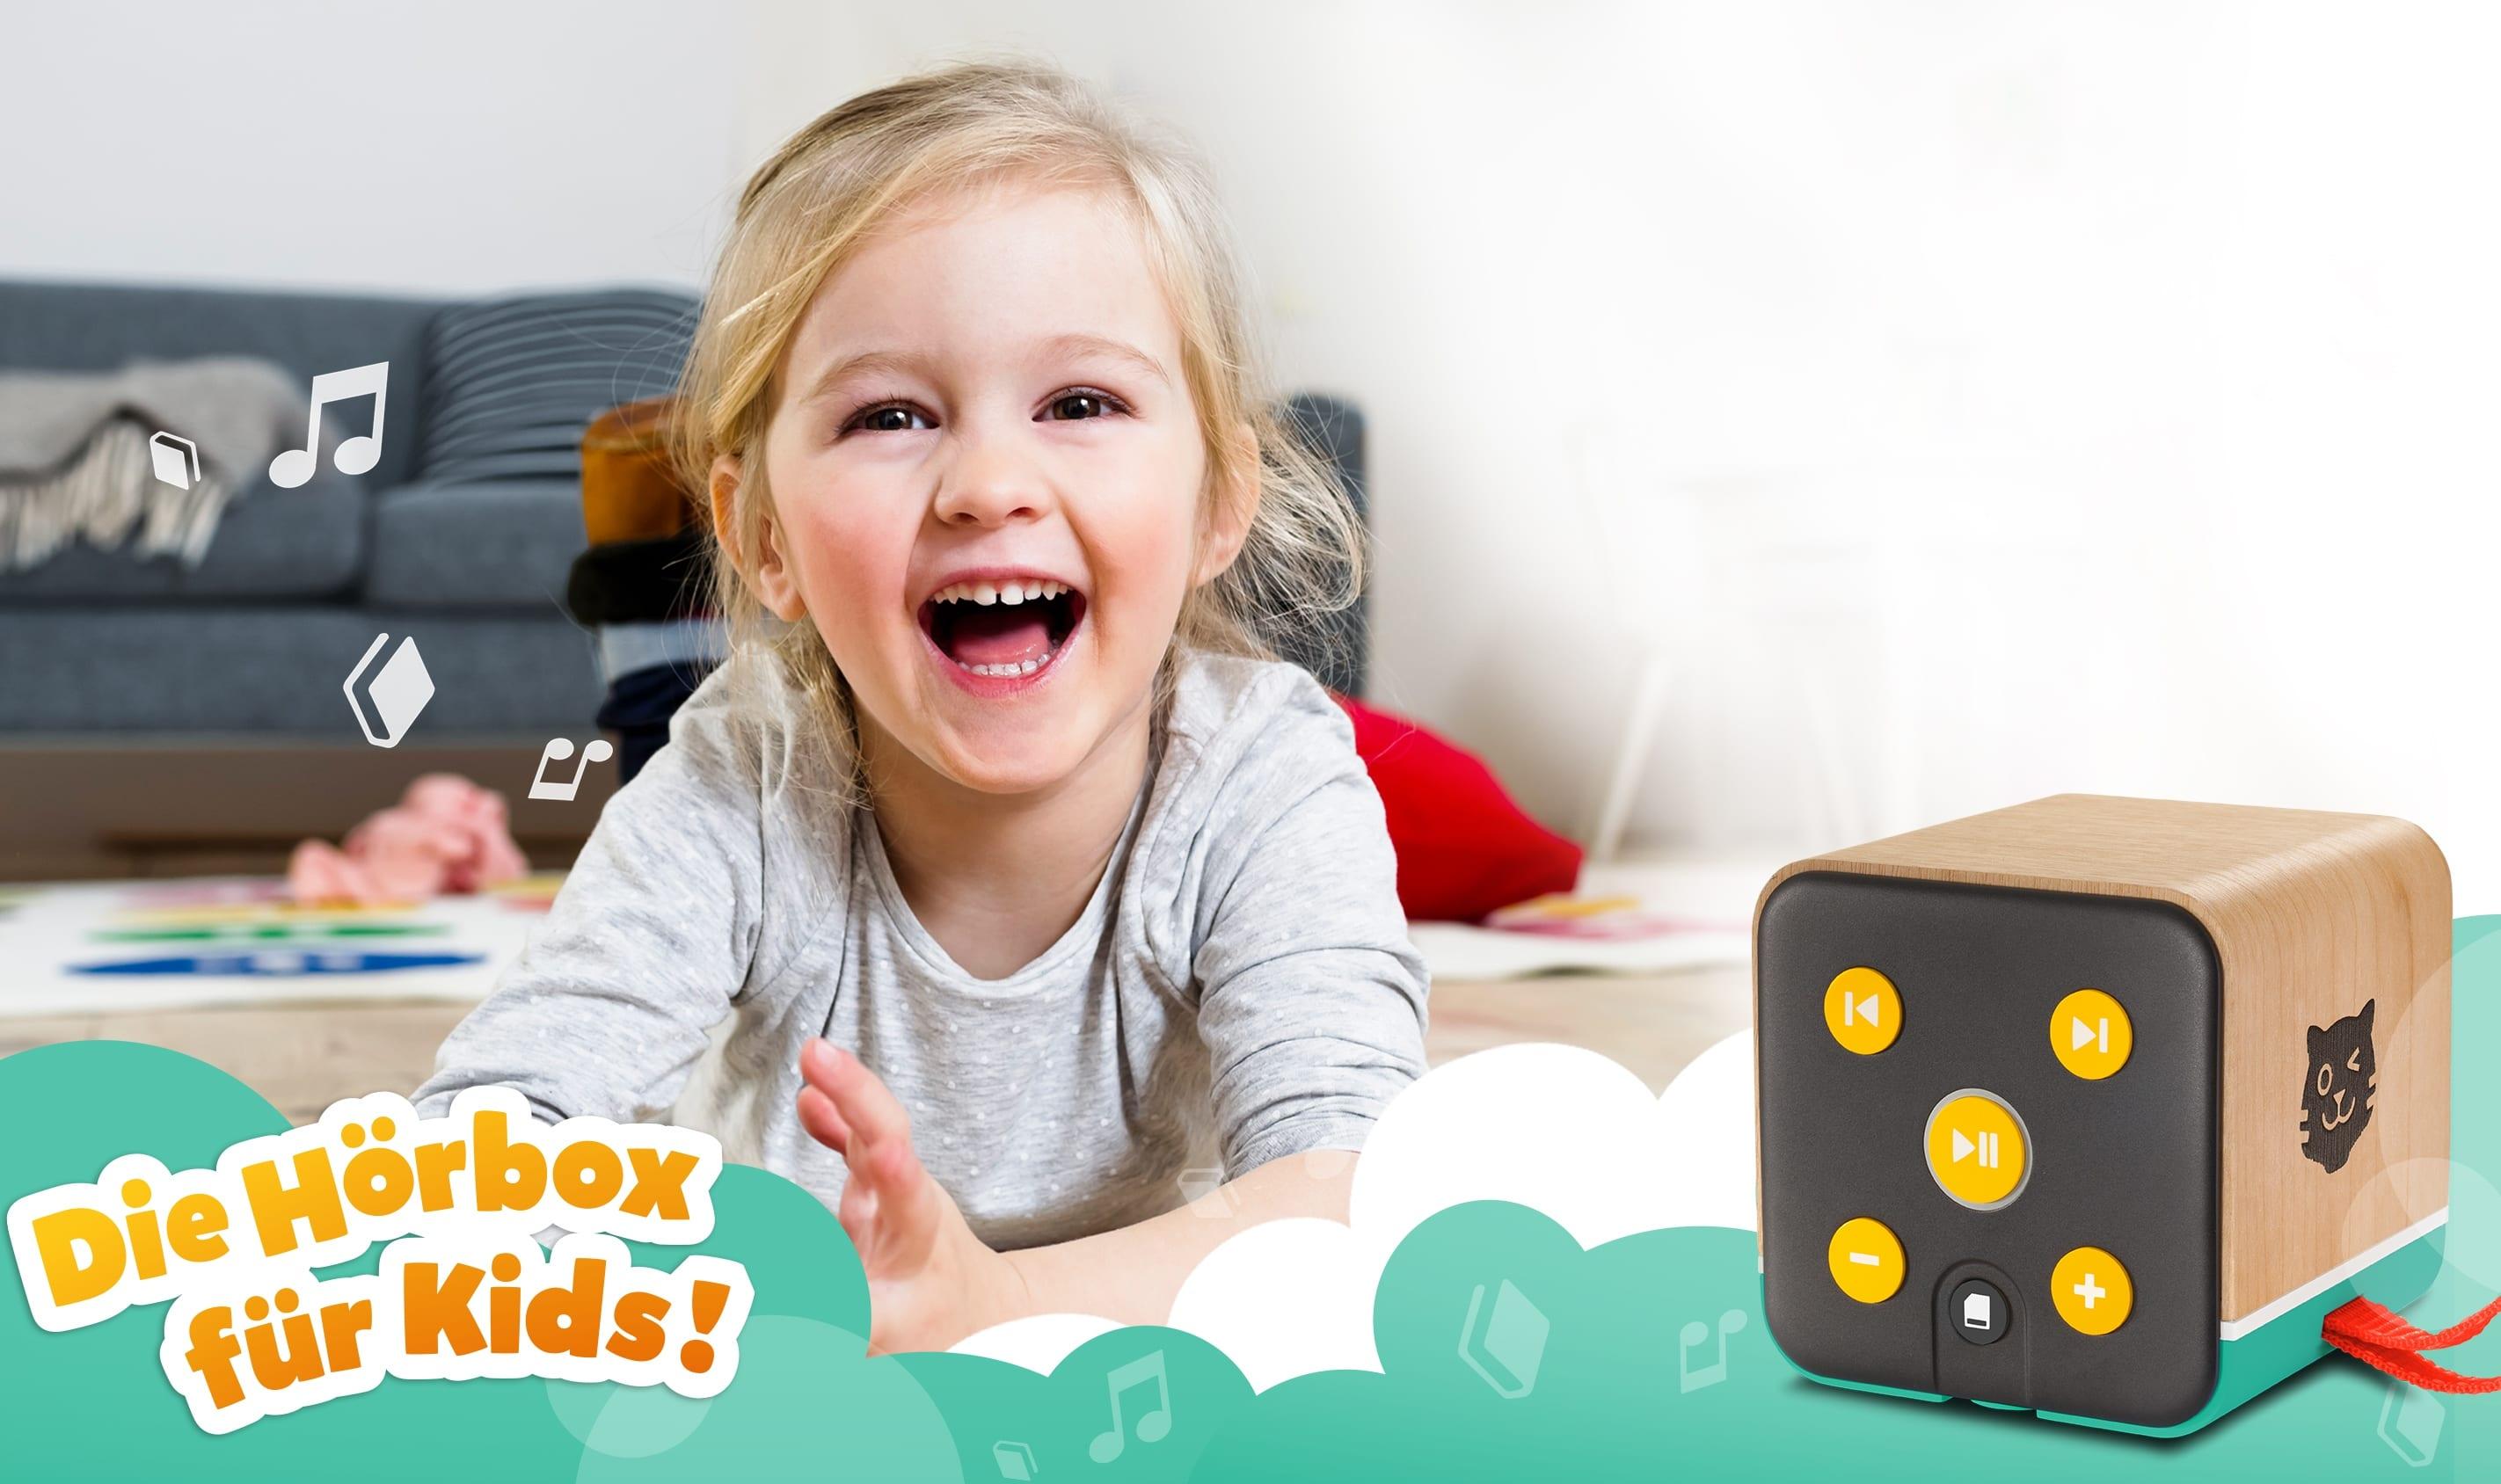 tigerbox – Die Hörbox für Kids! - Kinderbuchlesen.de